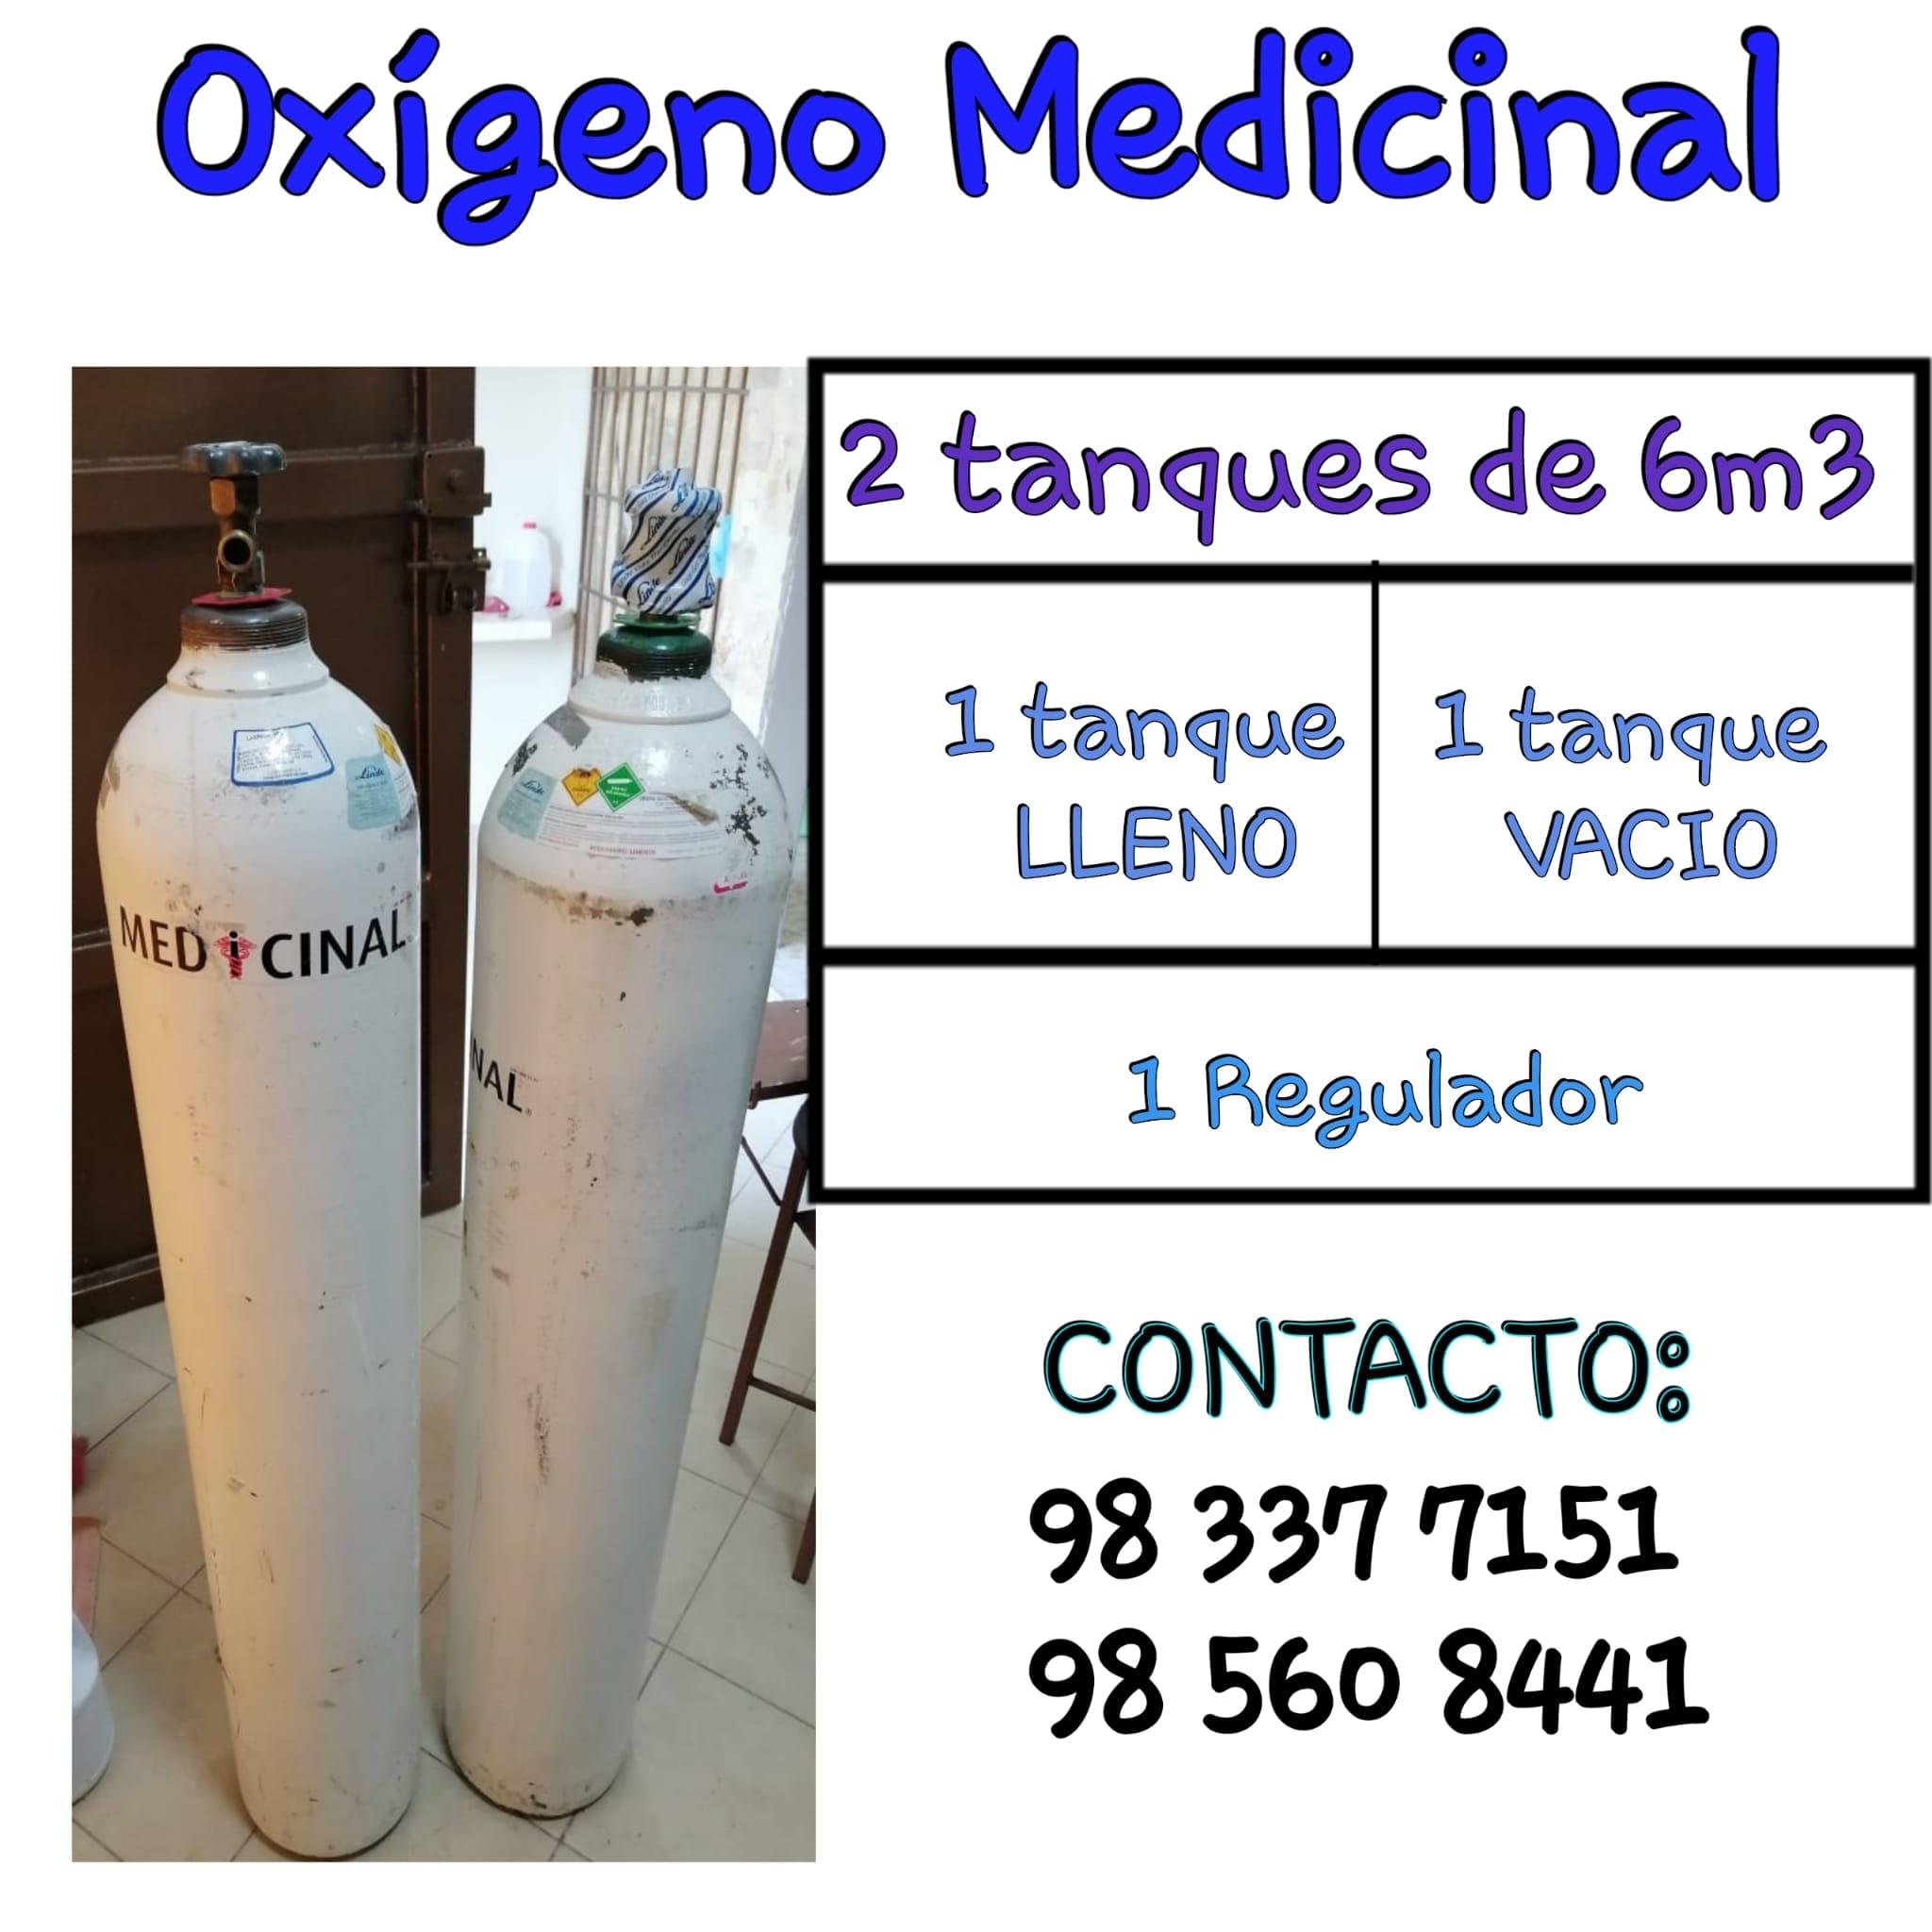 543e078b-c51a-4562-b4eb-77a94a8b8814